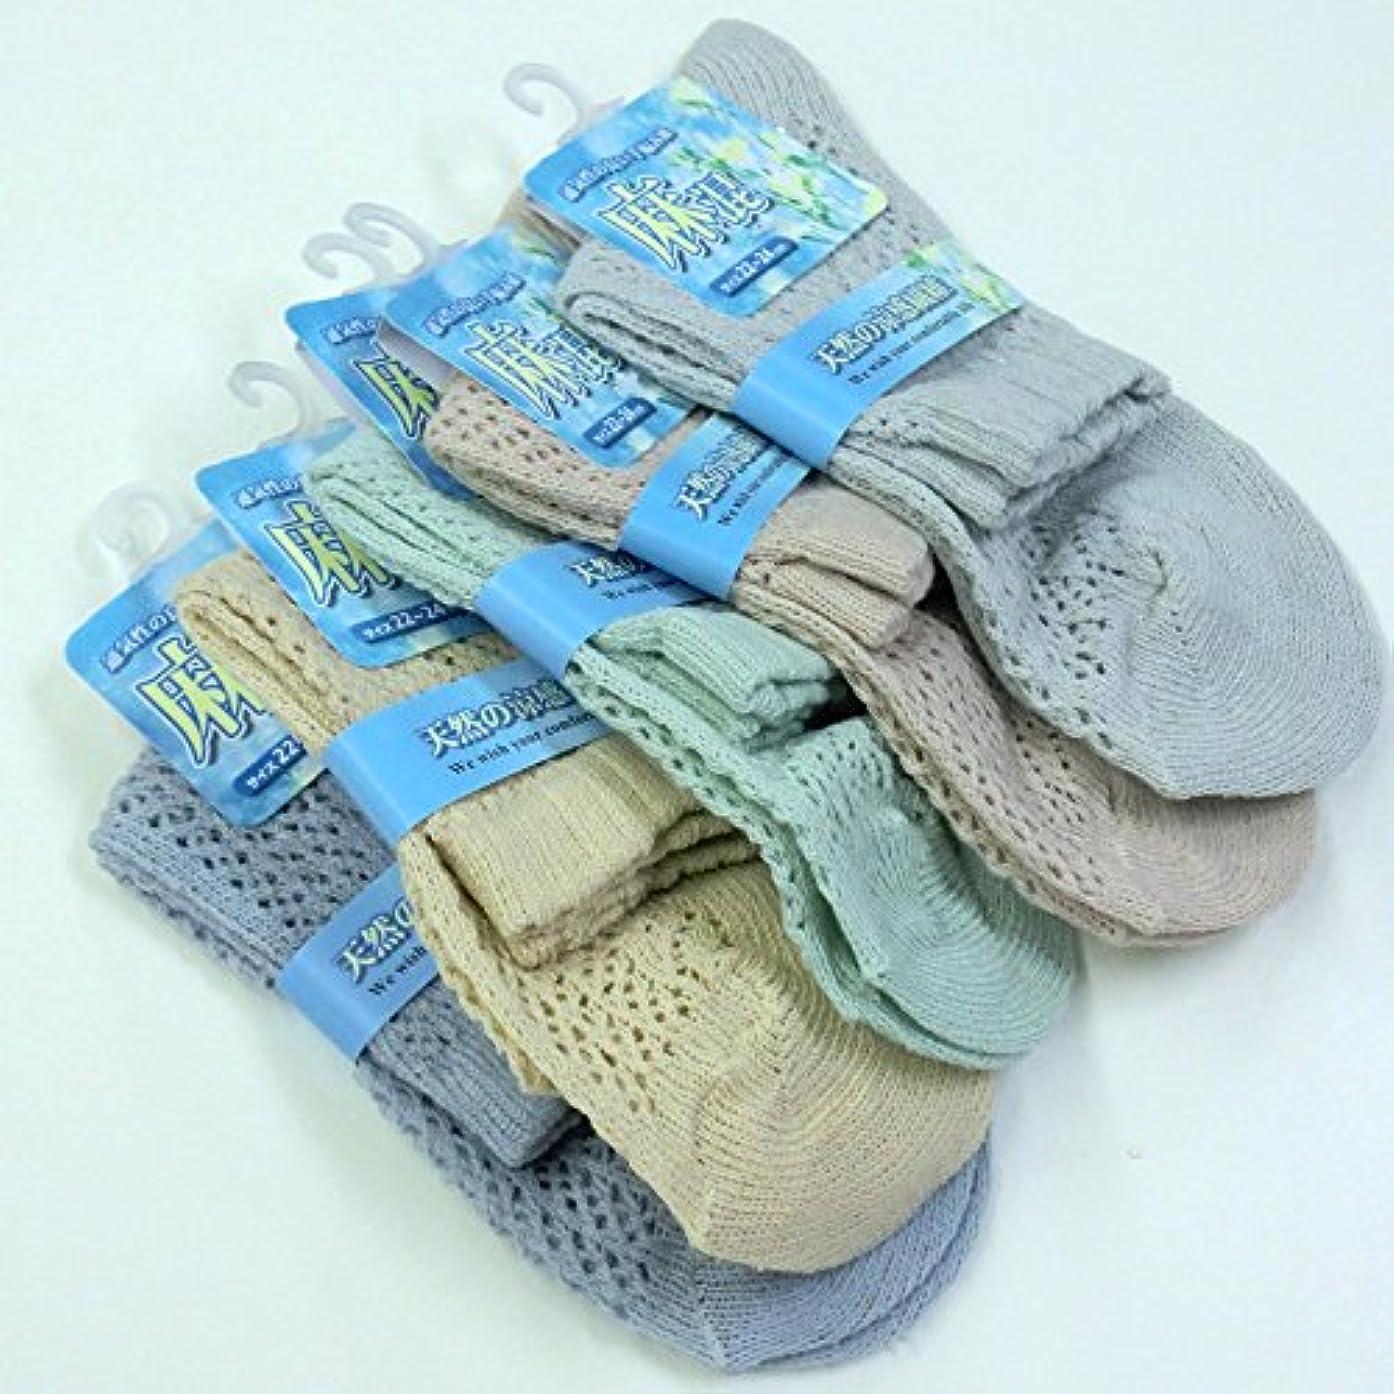 脱獄スティーブンソンスクラップブック靴下 レディース 麻混 涼しいルミーソックス おしゃれ手編み風 5色5足組